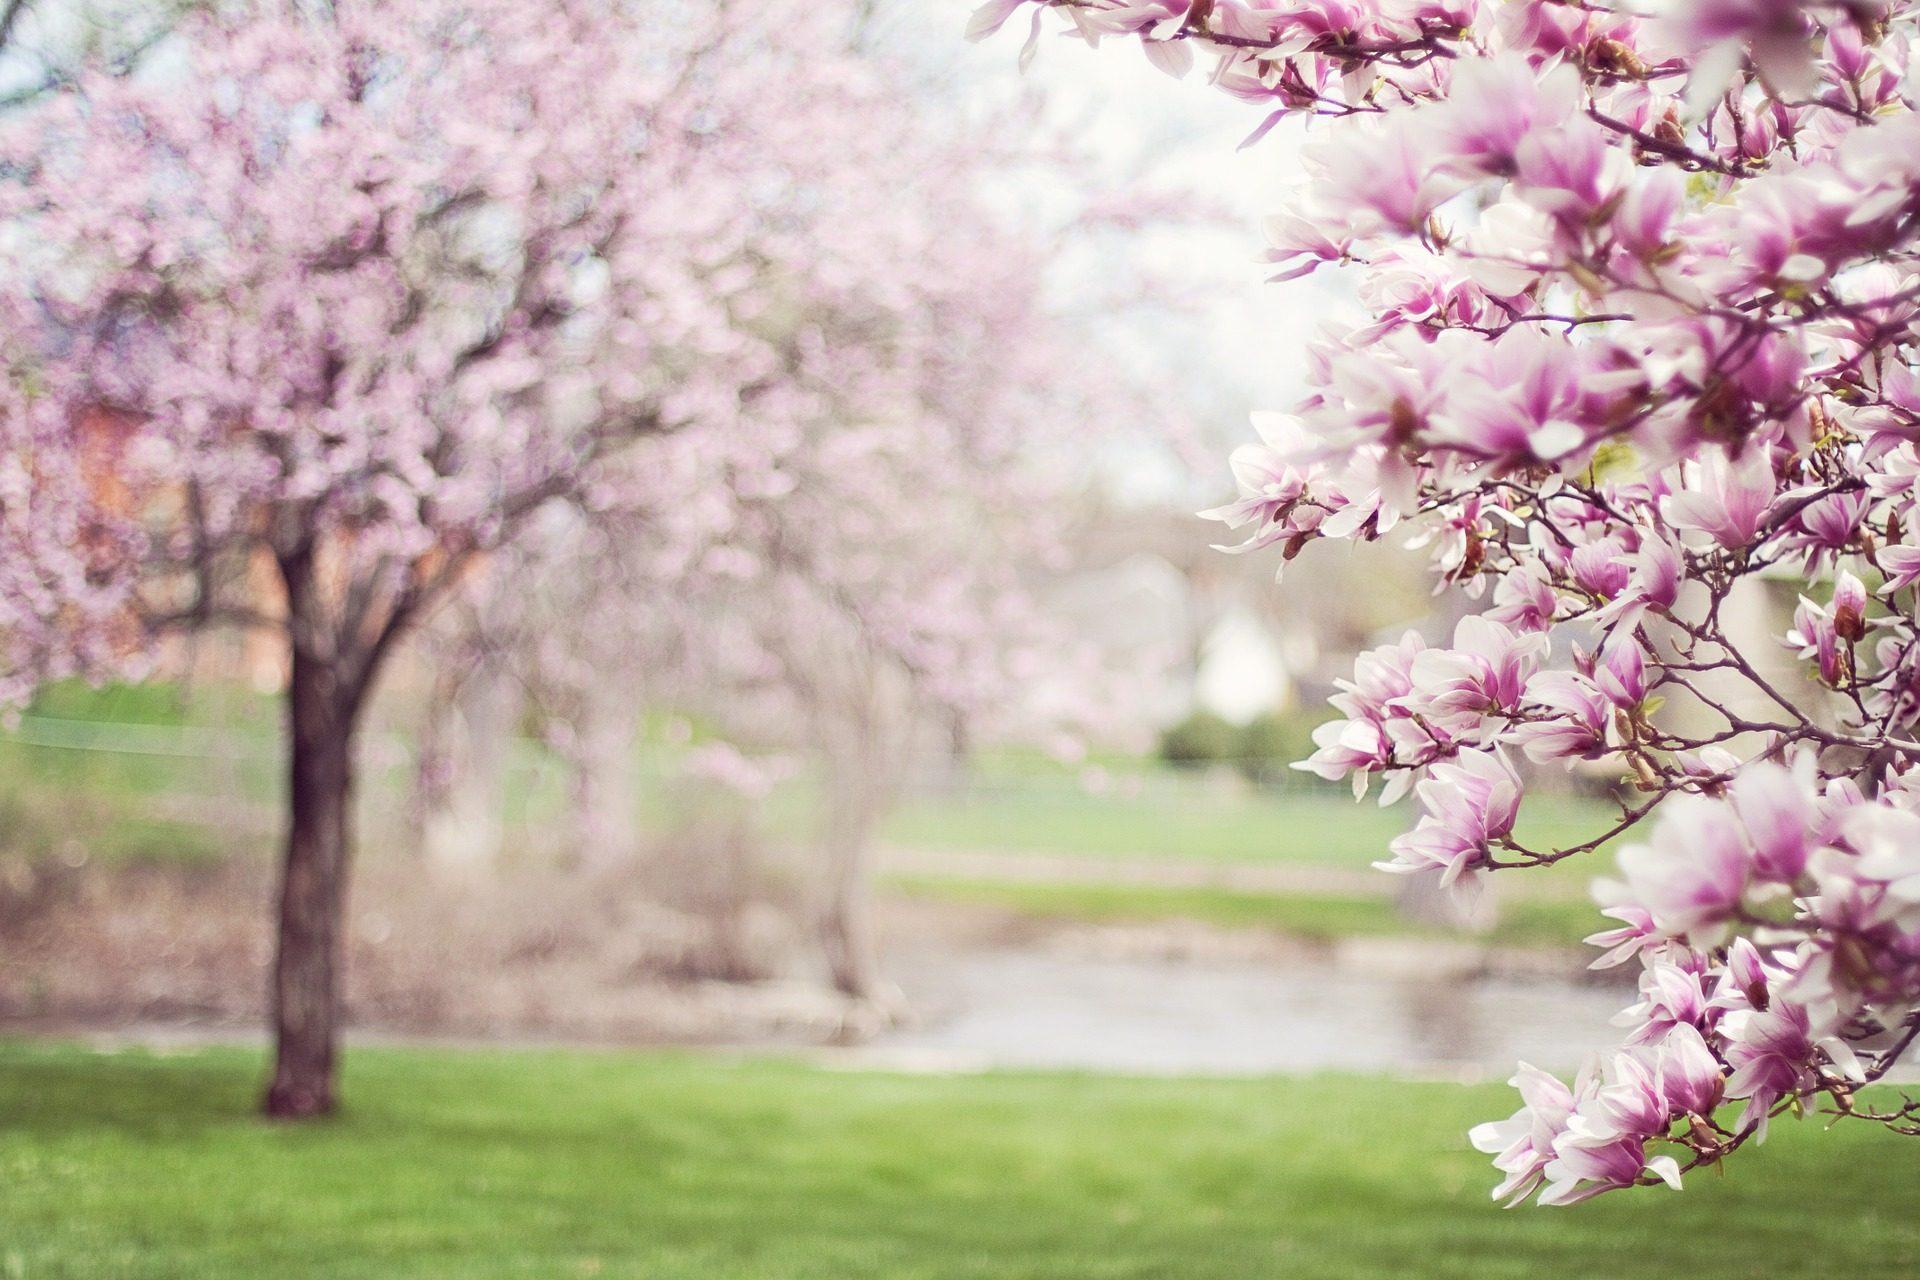 rboles, floración, magnolias, primavera, rosa - Fondos de Pantalla HD - professor-falken.com